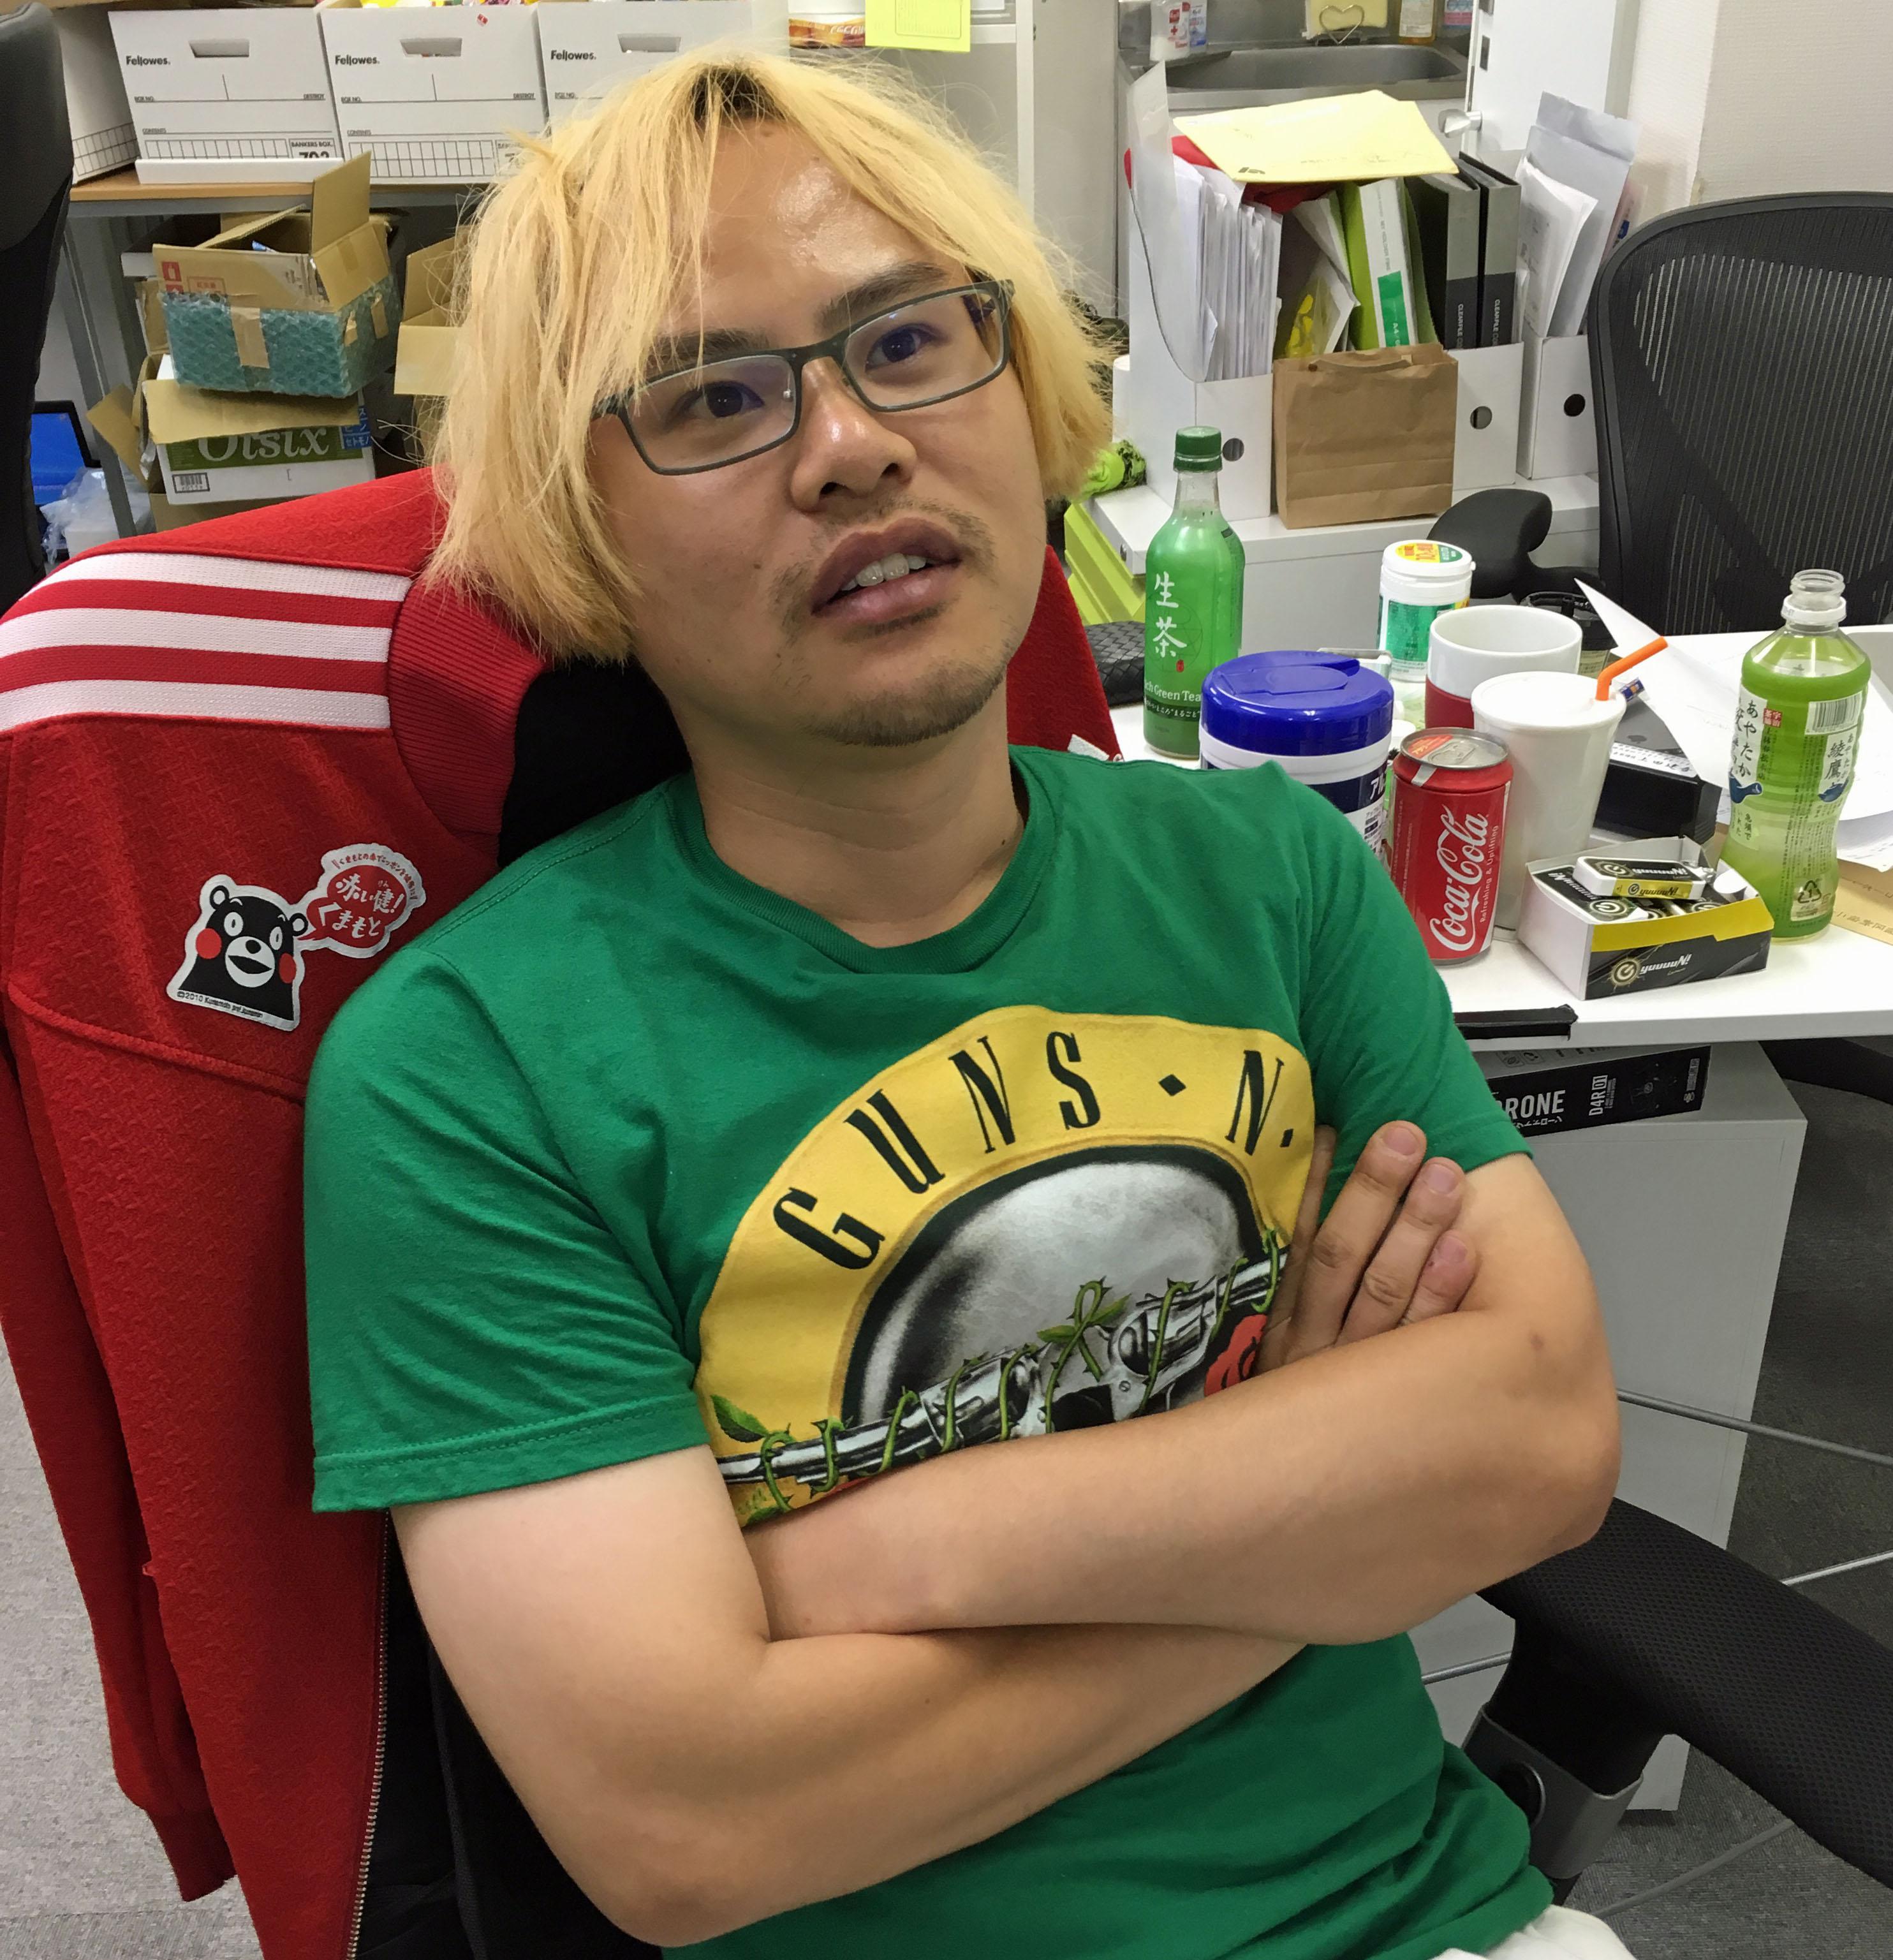 natsukashi2